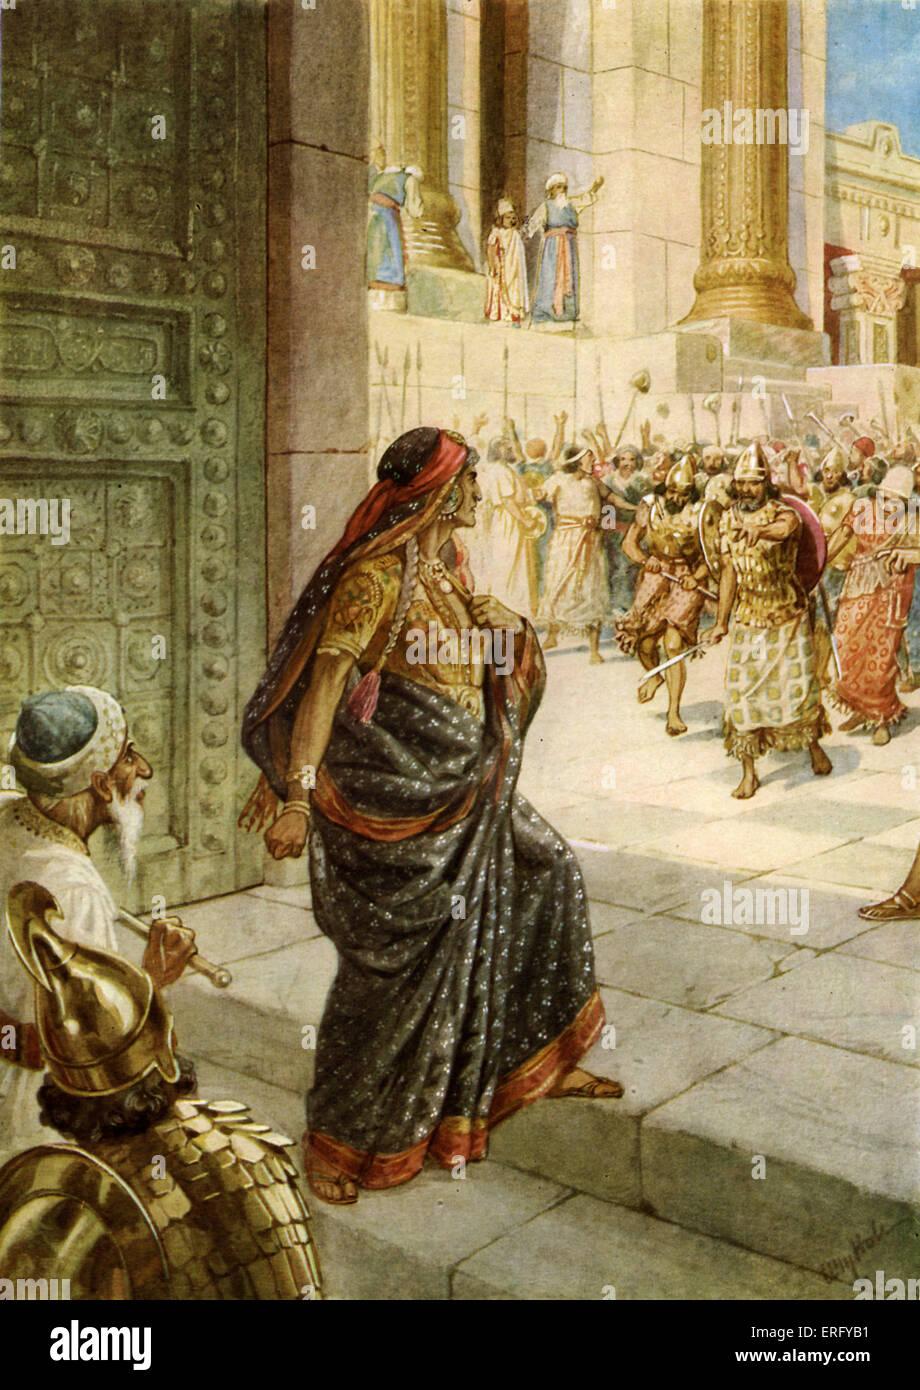 The coronation of Joash and death of Athaliah 2